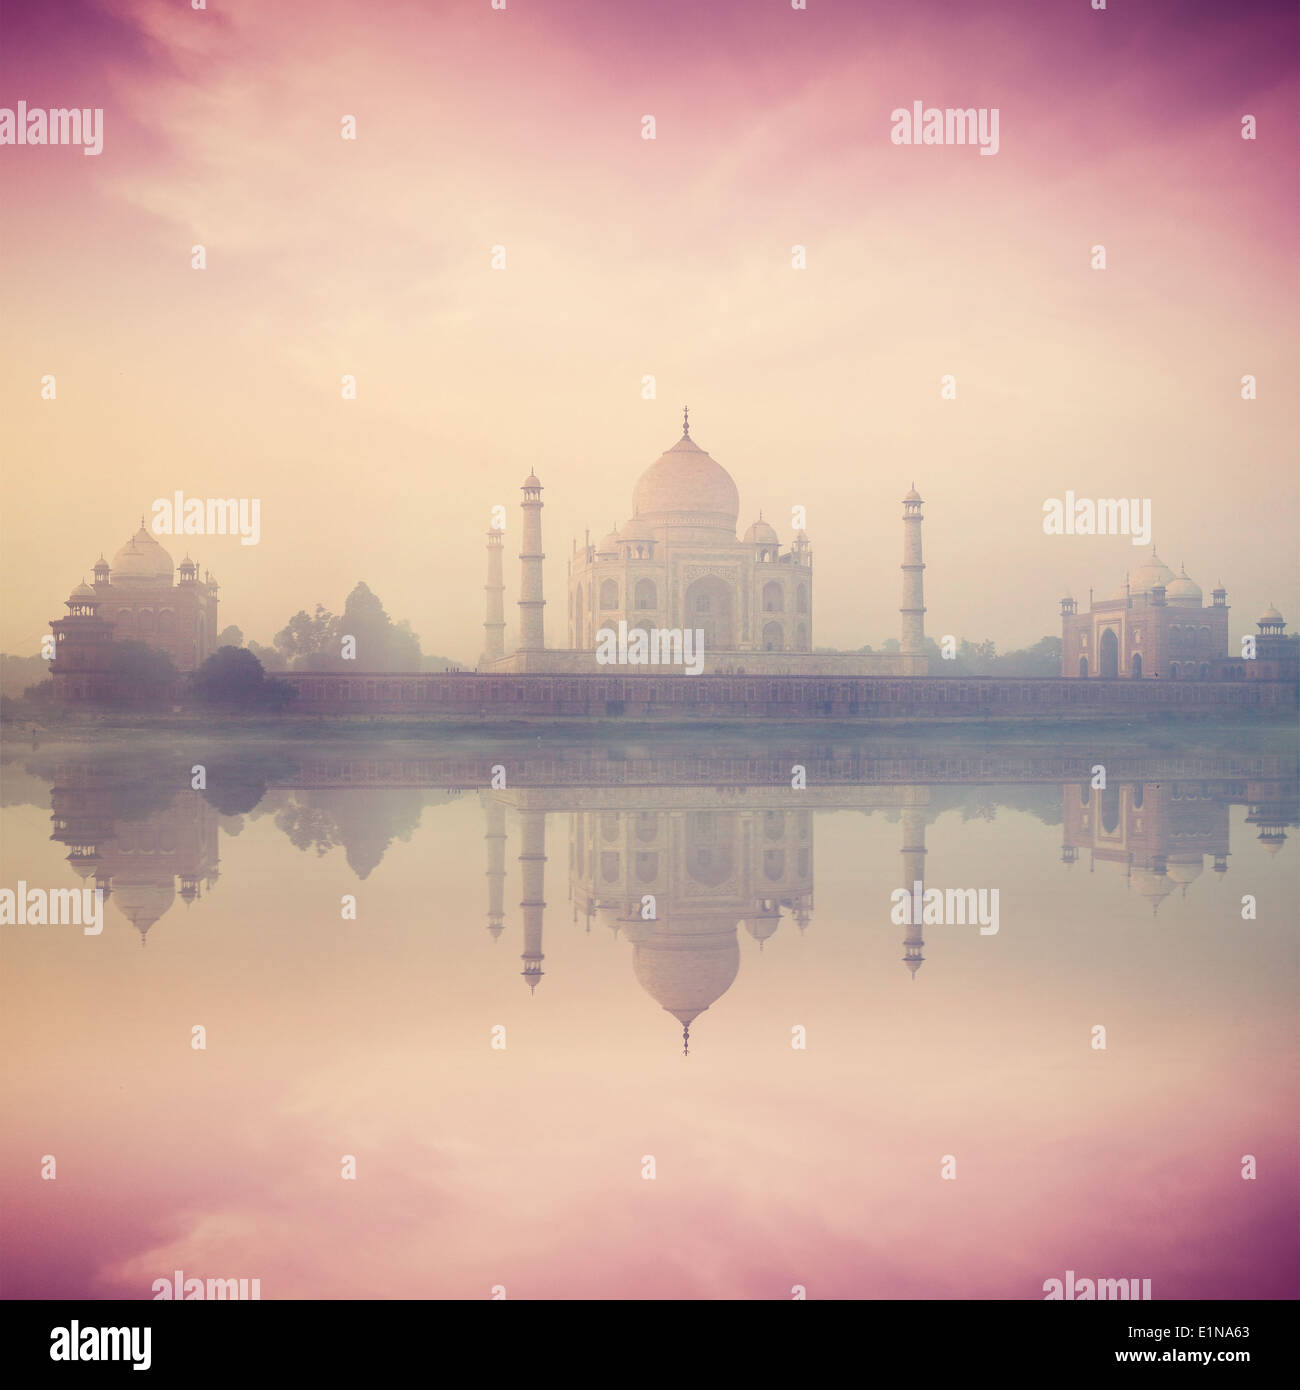 Vintage Retro estilo HIPSTER imagen del Taj Mahal en Sunrise sunset reflejo en el río Yamuna panorama en niebla, símbolo indio Imagen De Stock